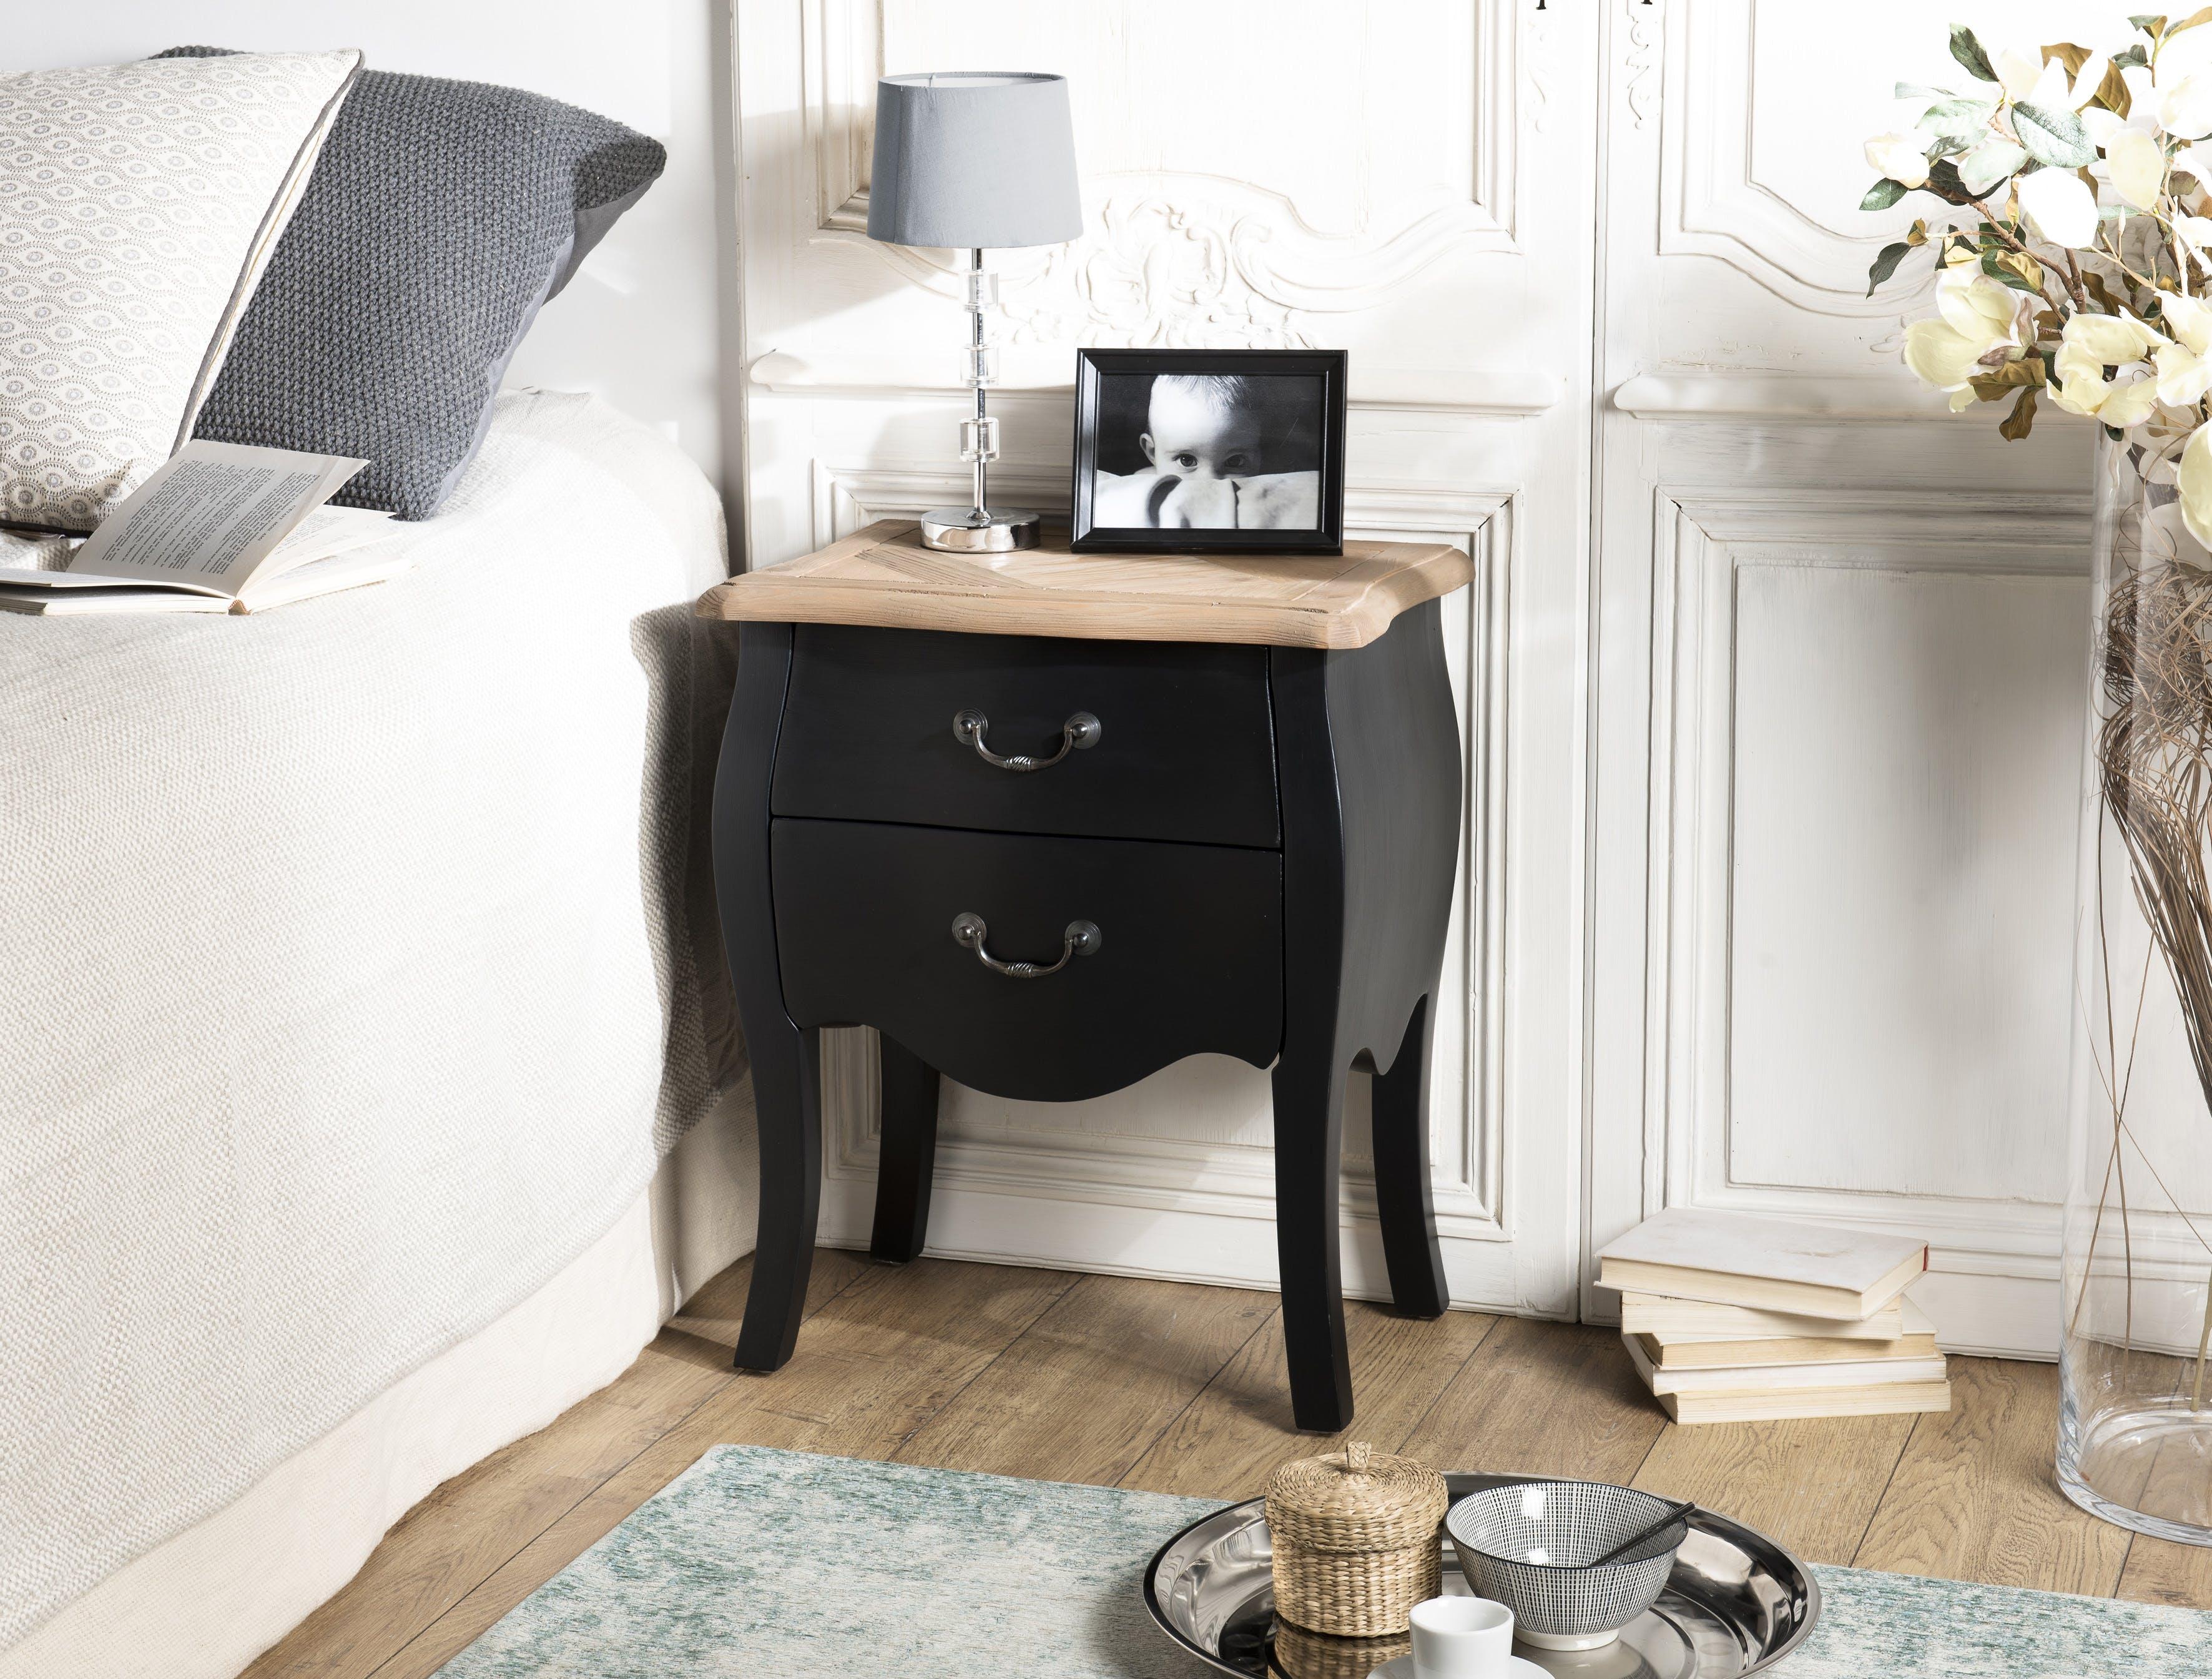 Table de chevet noire romantique 2 tiroirs SALZBOURG